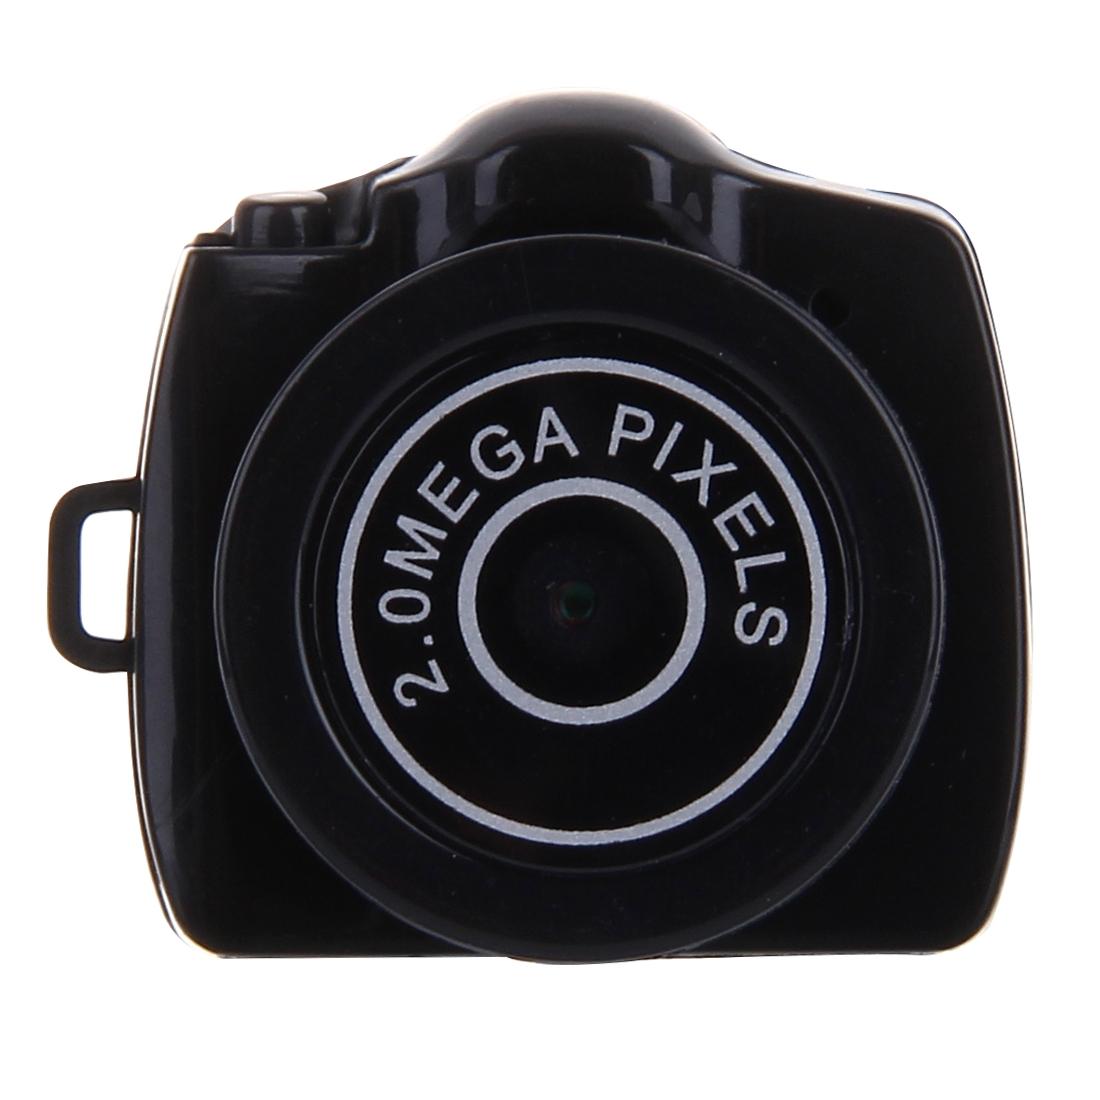 Мини-камера Full HD, видеокамера, цифровое голосовое видео, скрытая Невидимая камера, записывающие устройства